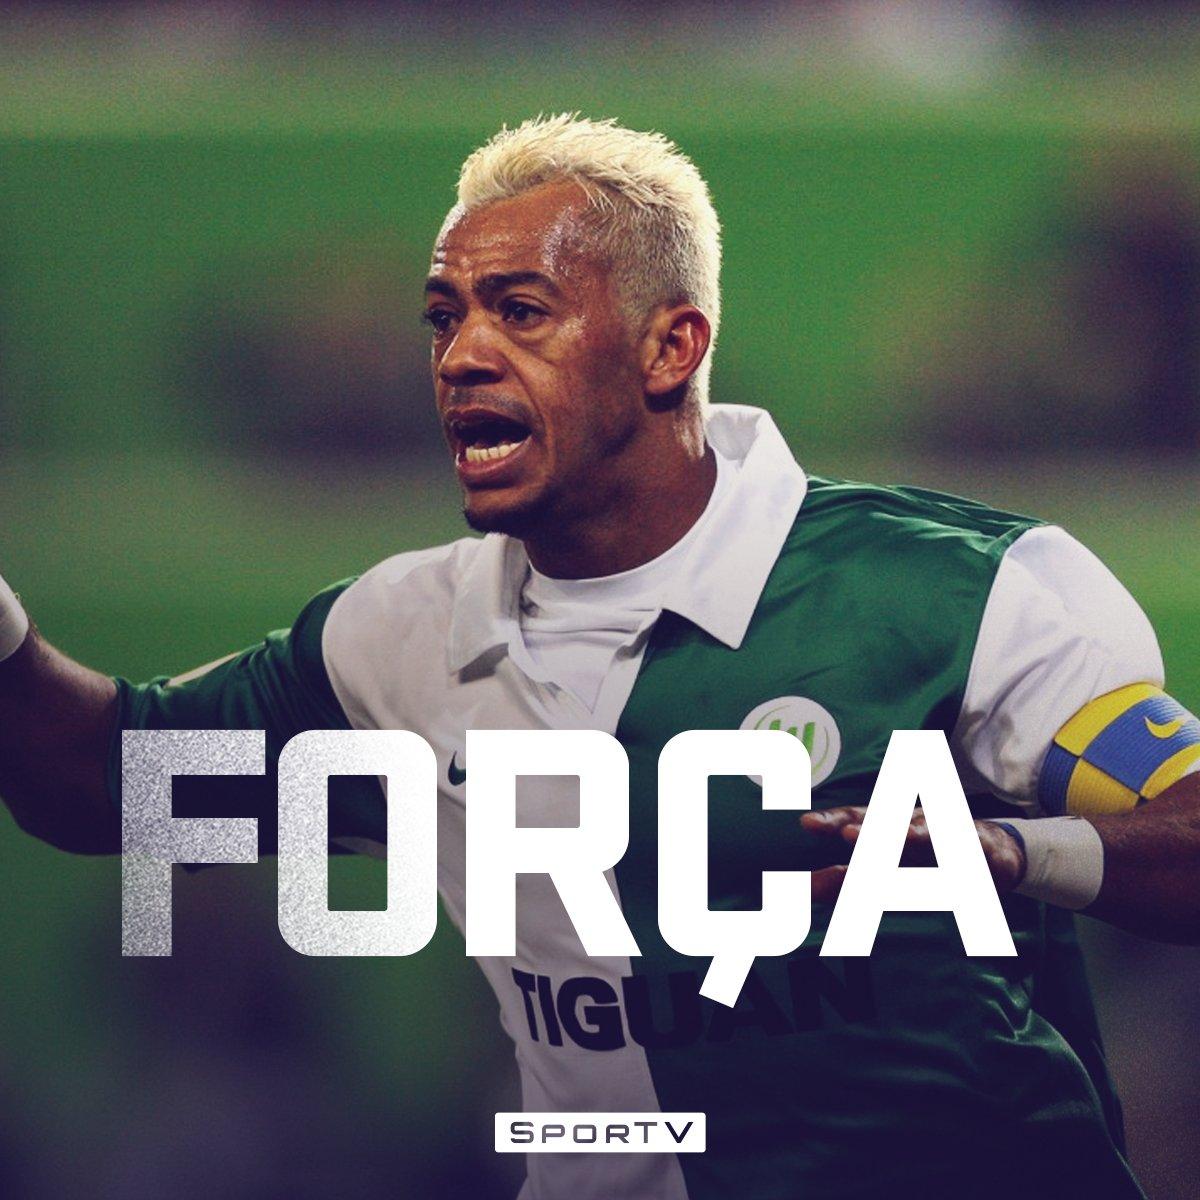 Marcelinho Paraíba sofreu um princípio de AVC.   Estamos na torcida pela recuperação do craque. 🙏🙏